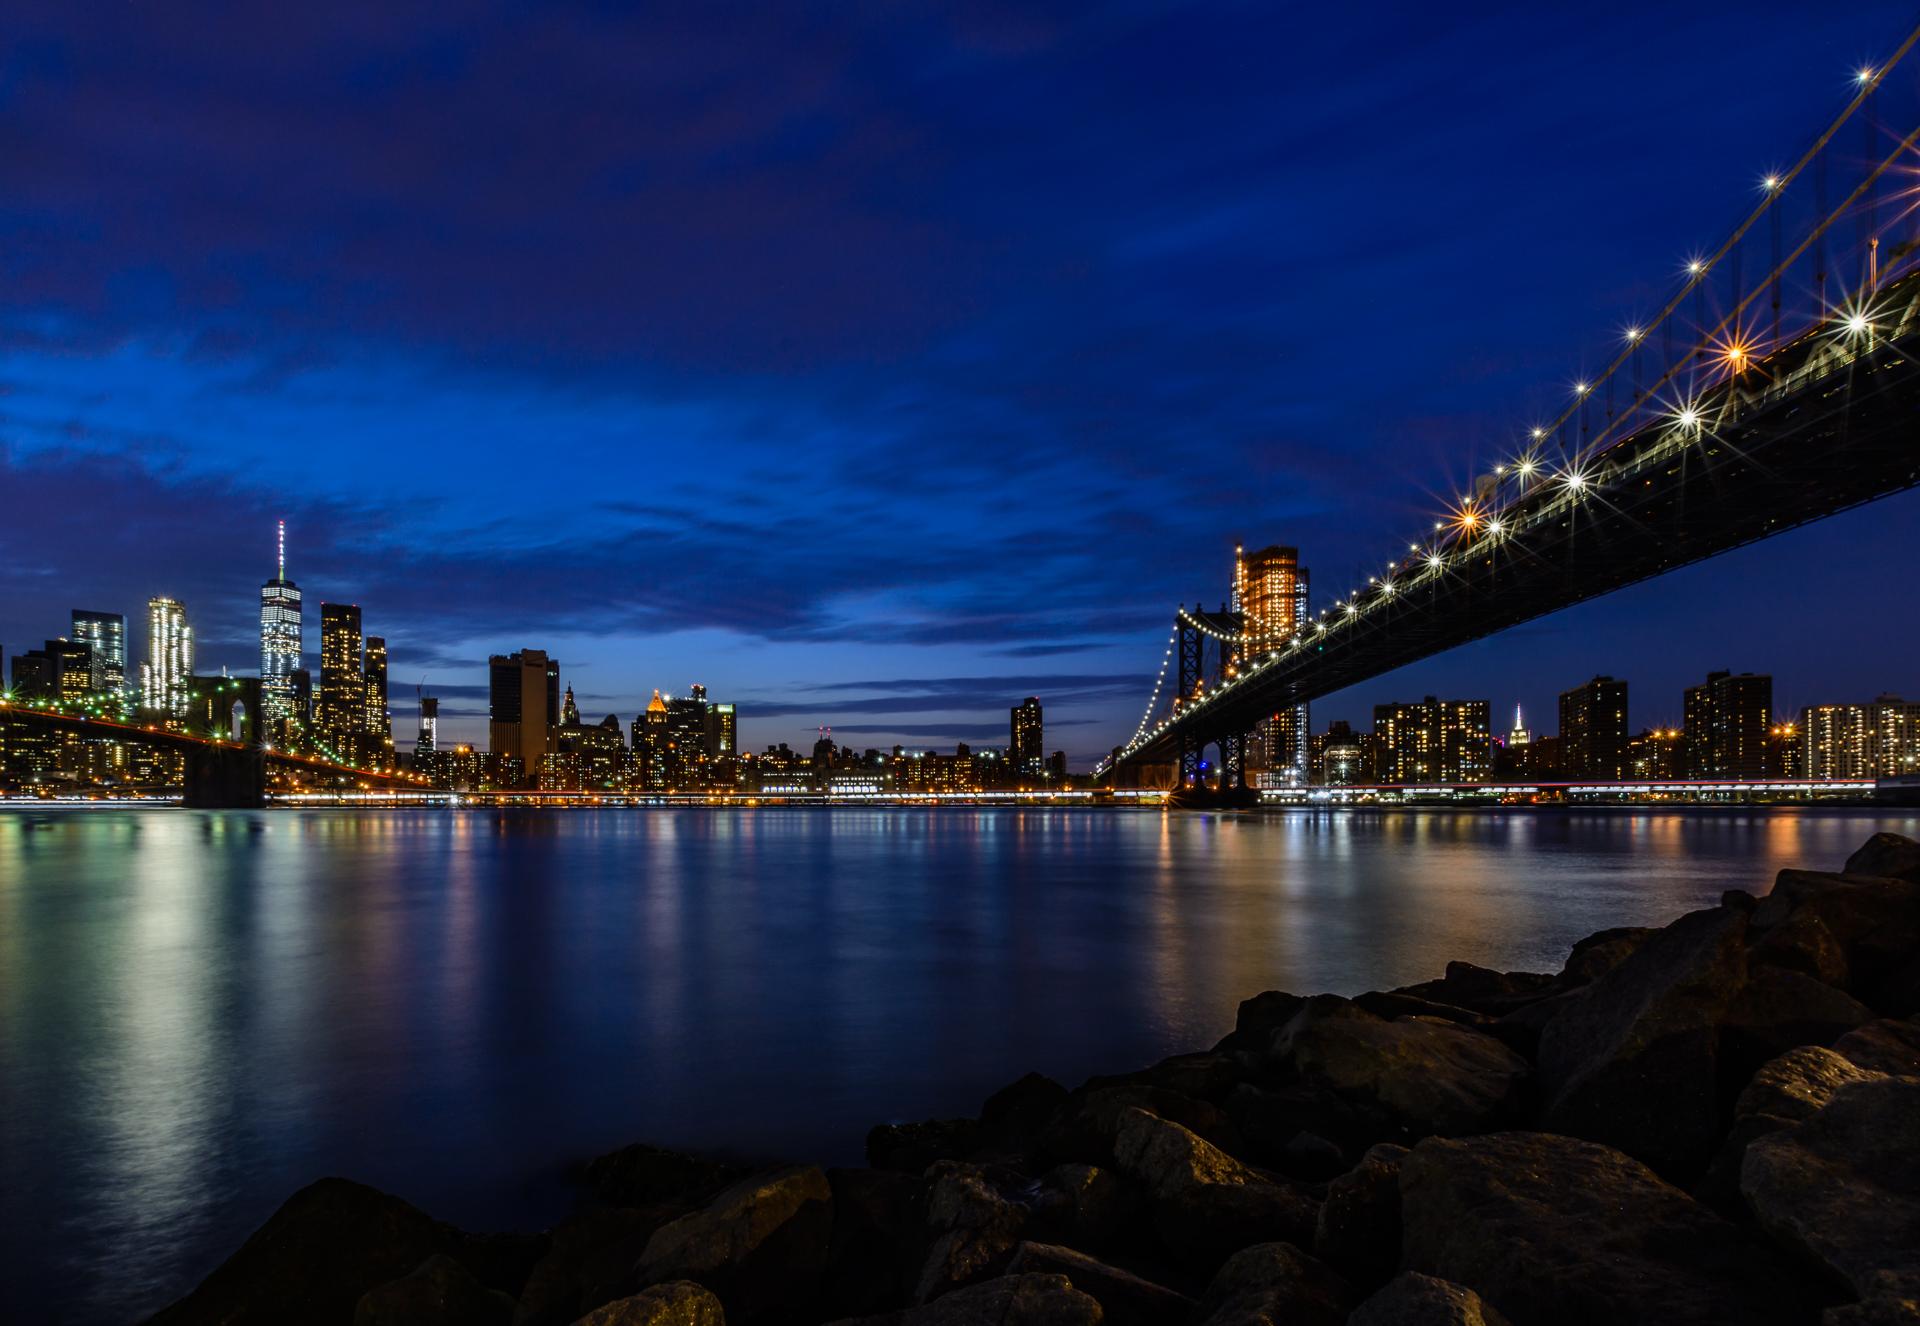 Between the bridges...